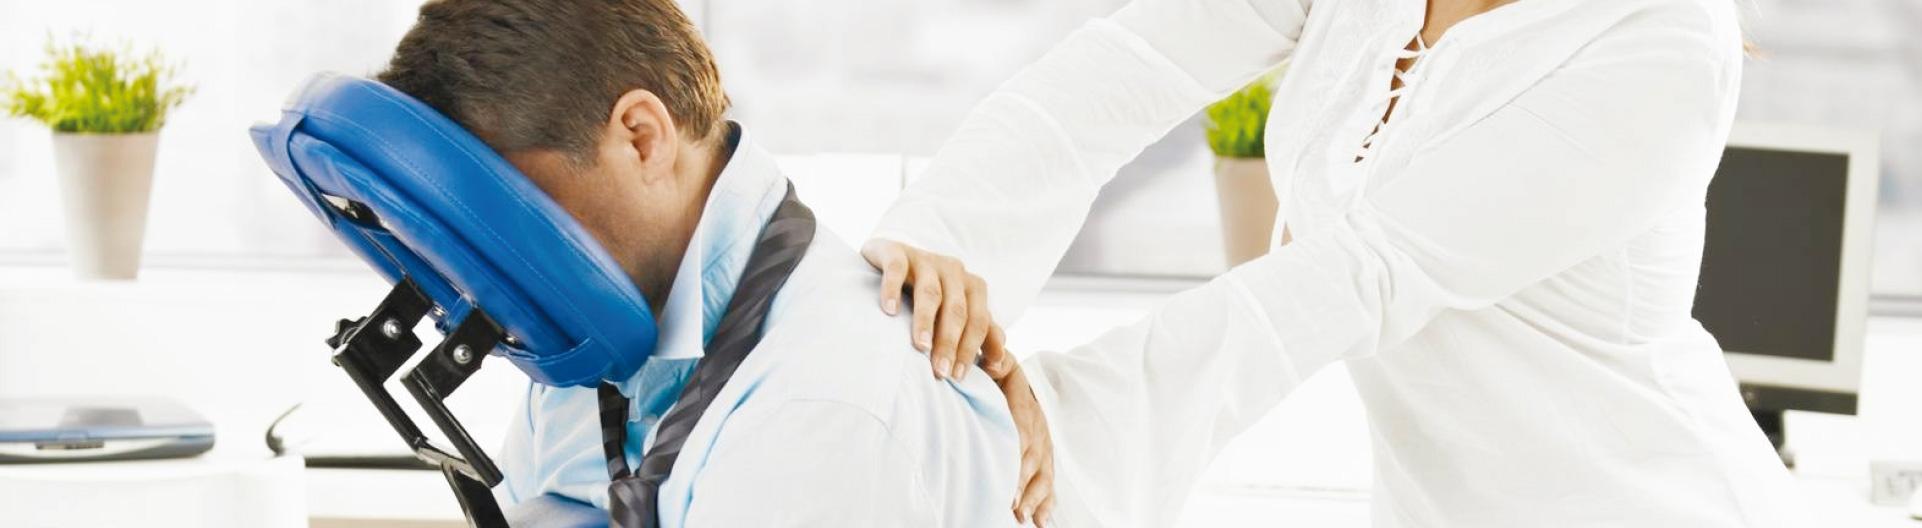 massage-assis-chateau-gombert-marseille-13013-allauch-Plan-de-Cuques-massage-entreprises-marseille-chateau-Gombert-13013